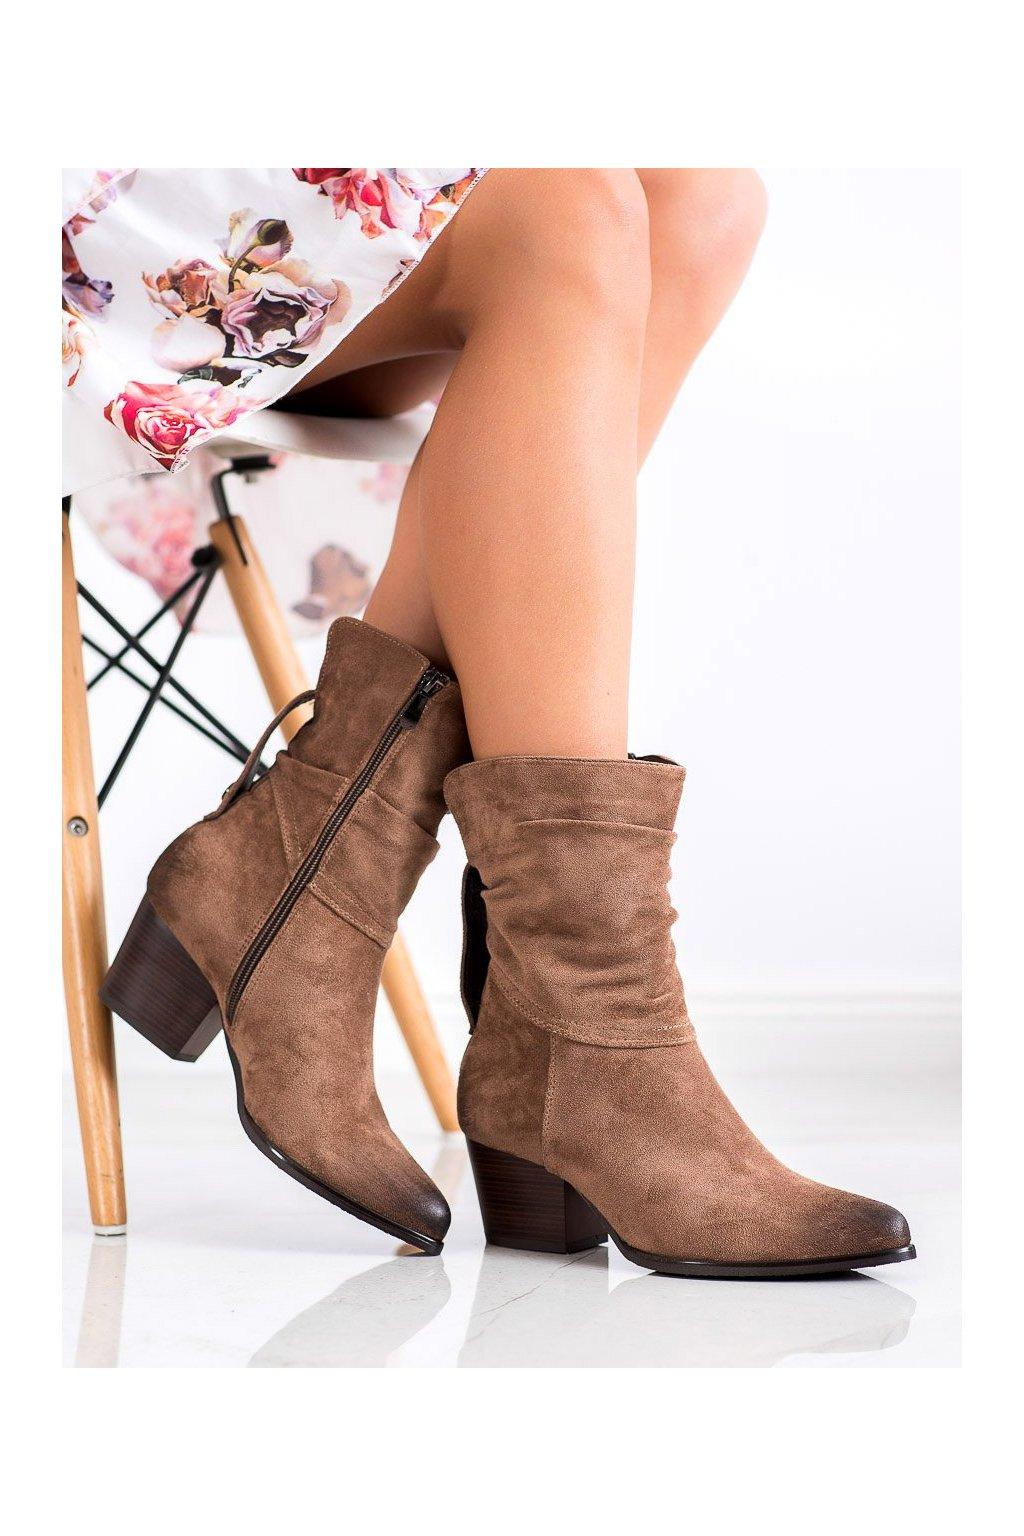 Hnedé dámske topánky Vinceza kod XY21-10544D.BE